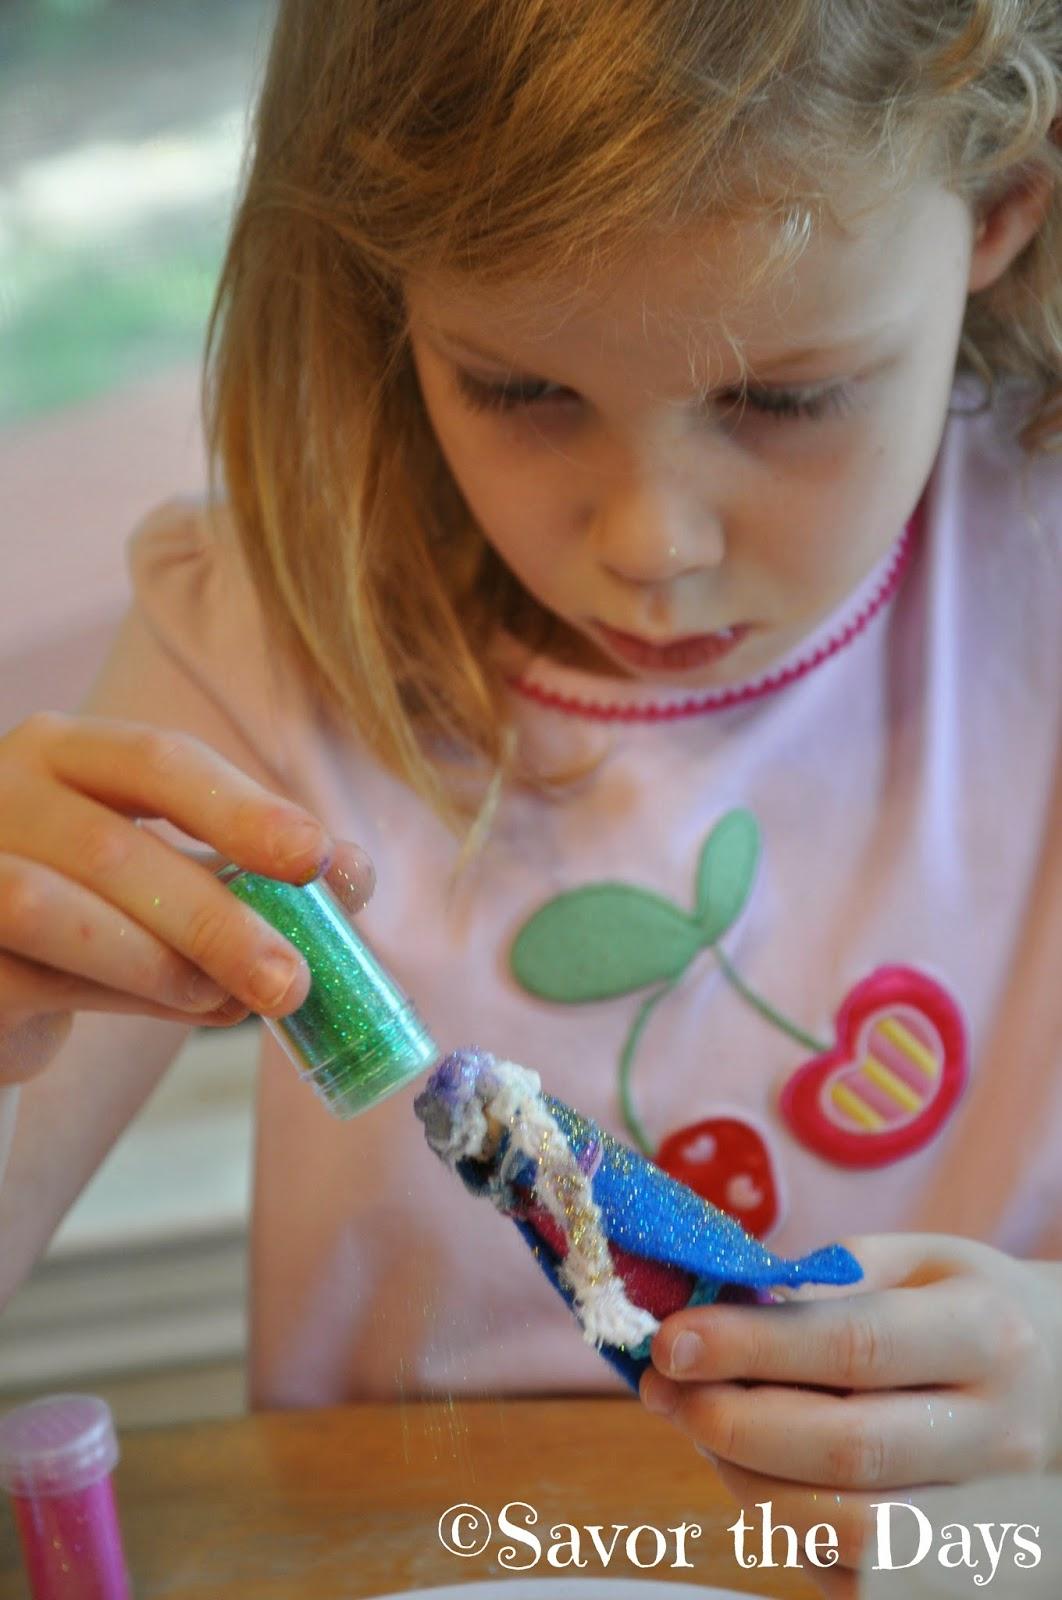 Little girl using green glitter